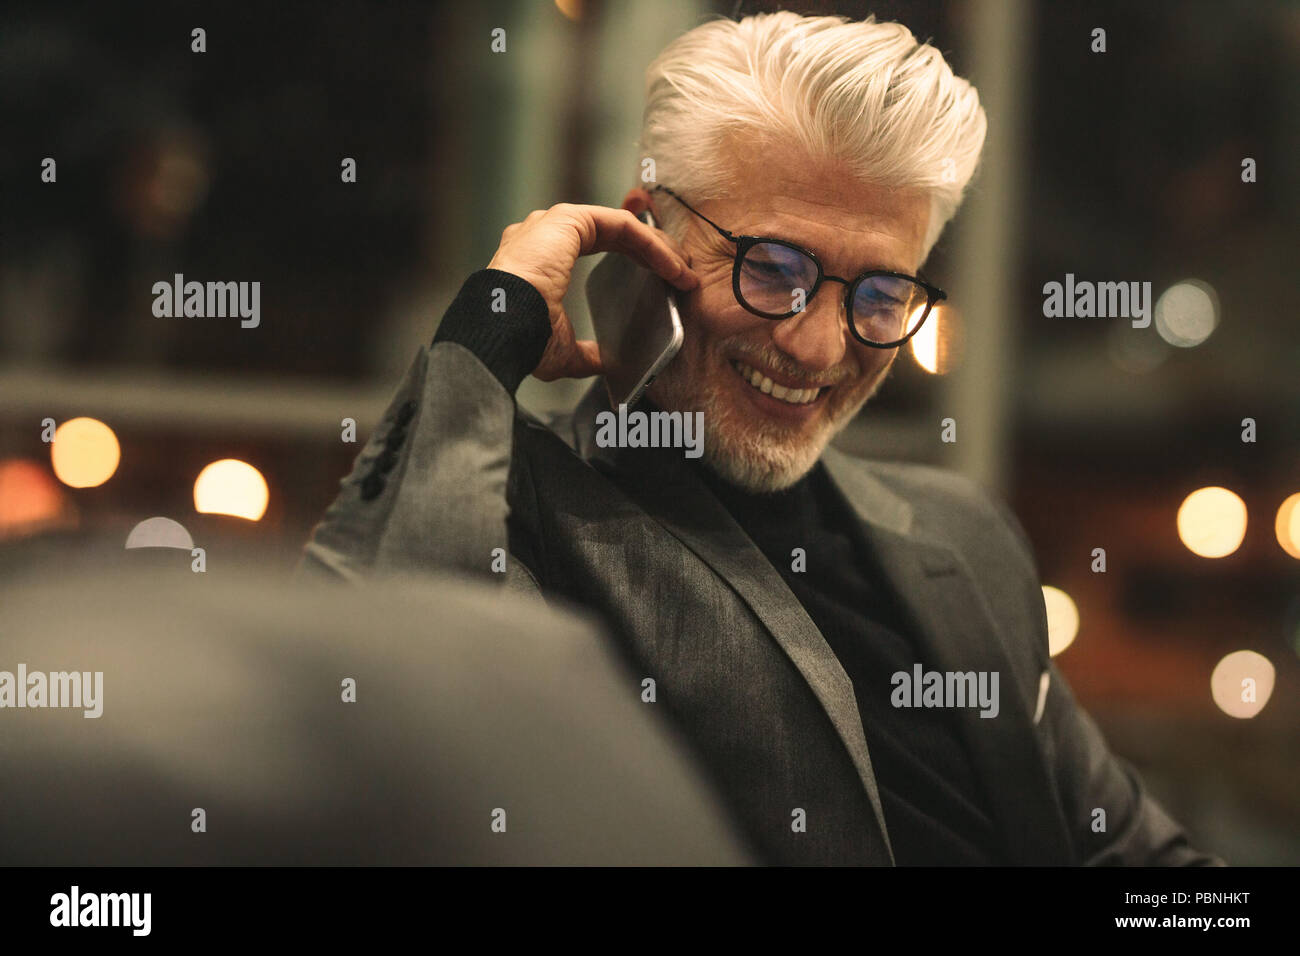 Coppia business executive facendo una telefonata e sorridente. Uomo caucasico con occhiali parlando al telefono cellulare in ufficio. Immagini Stock